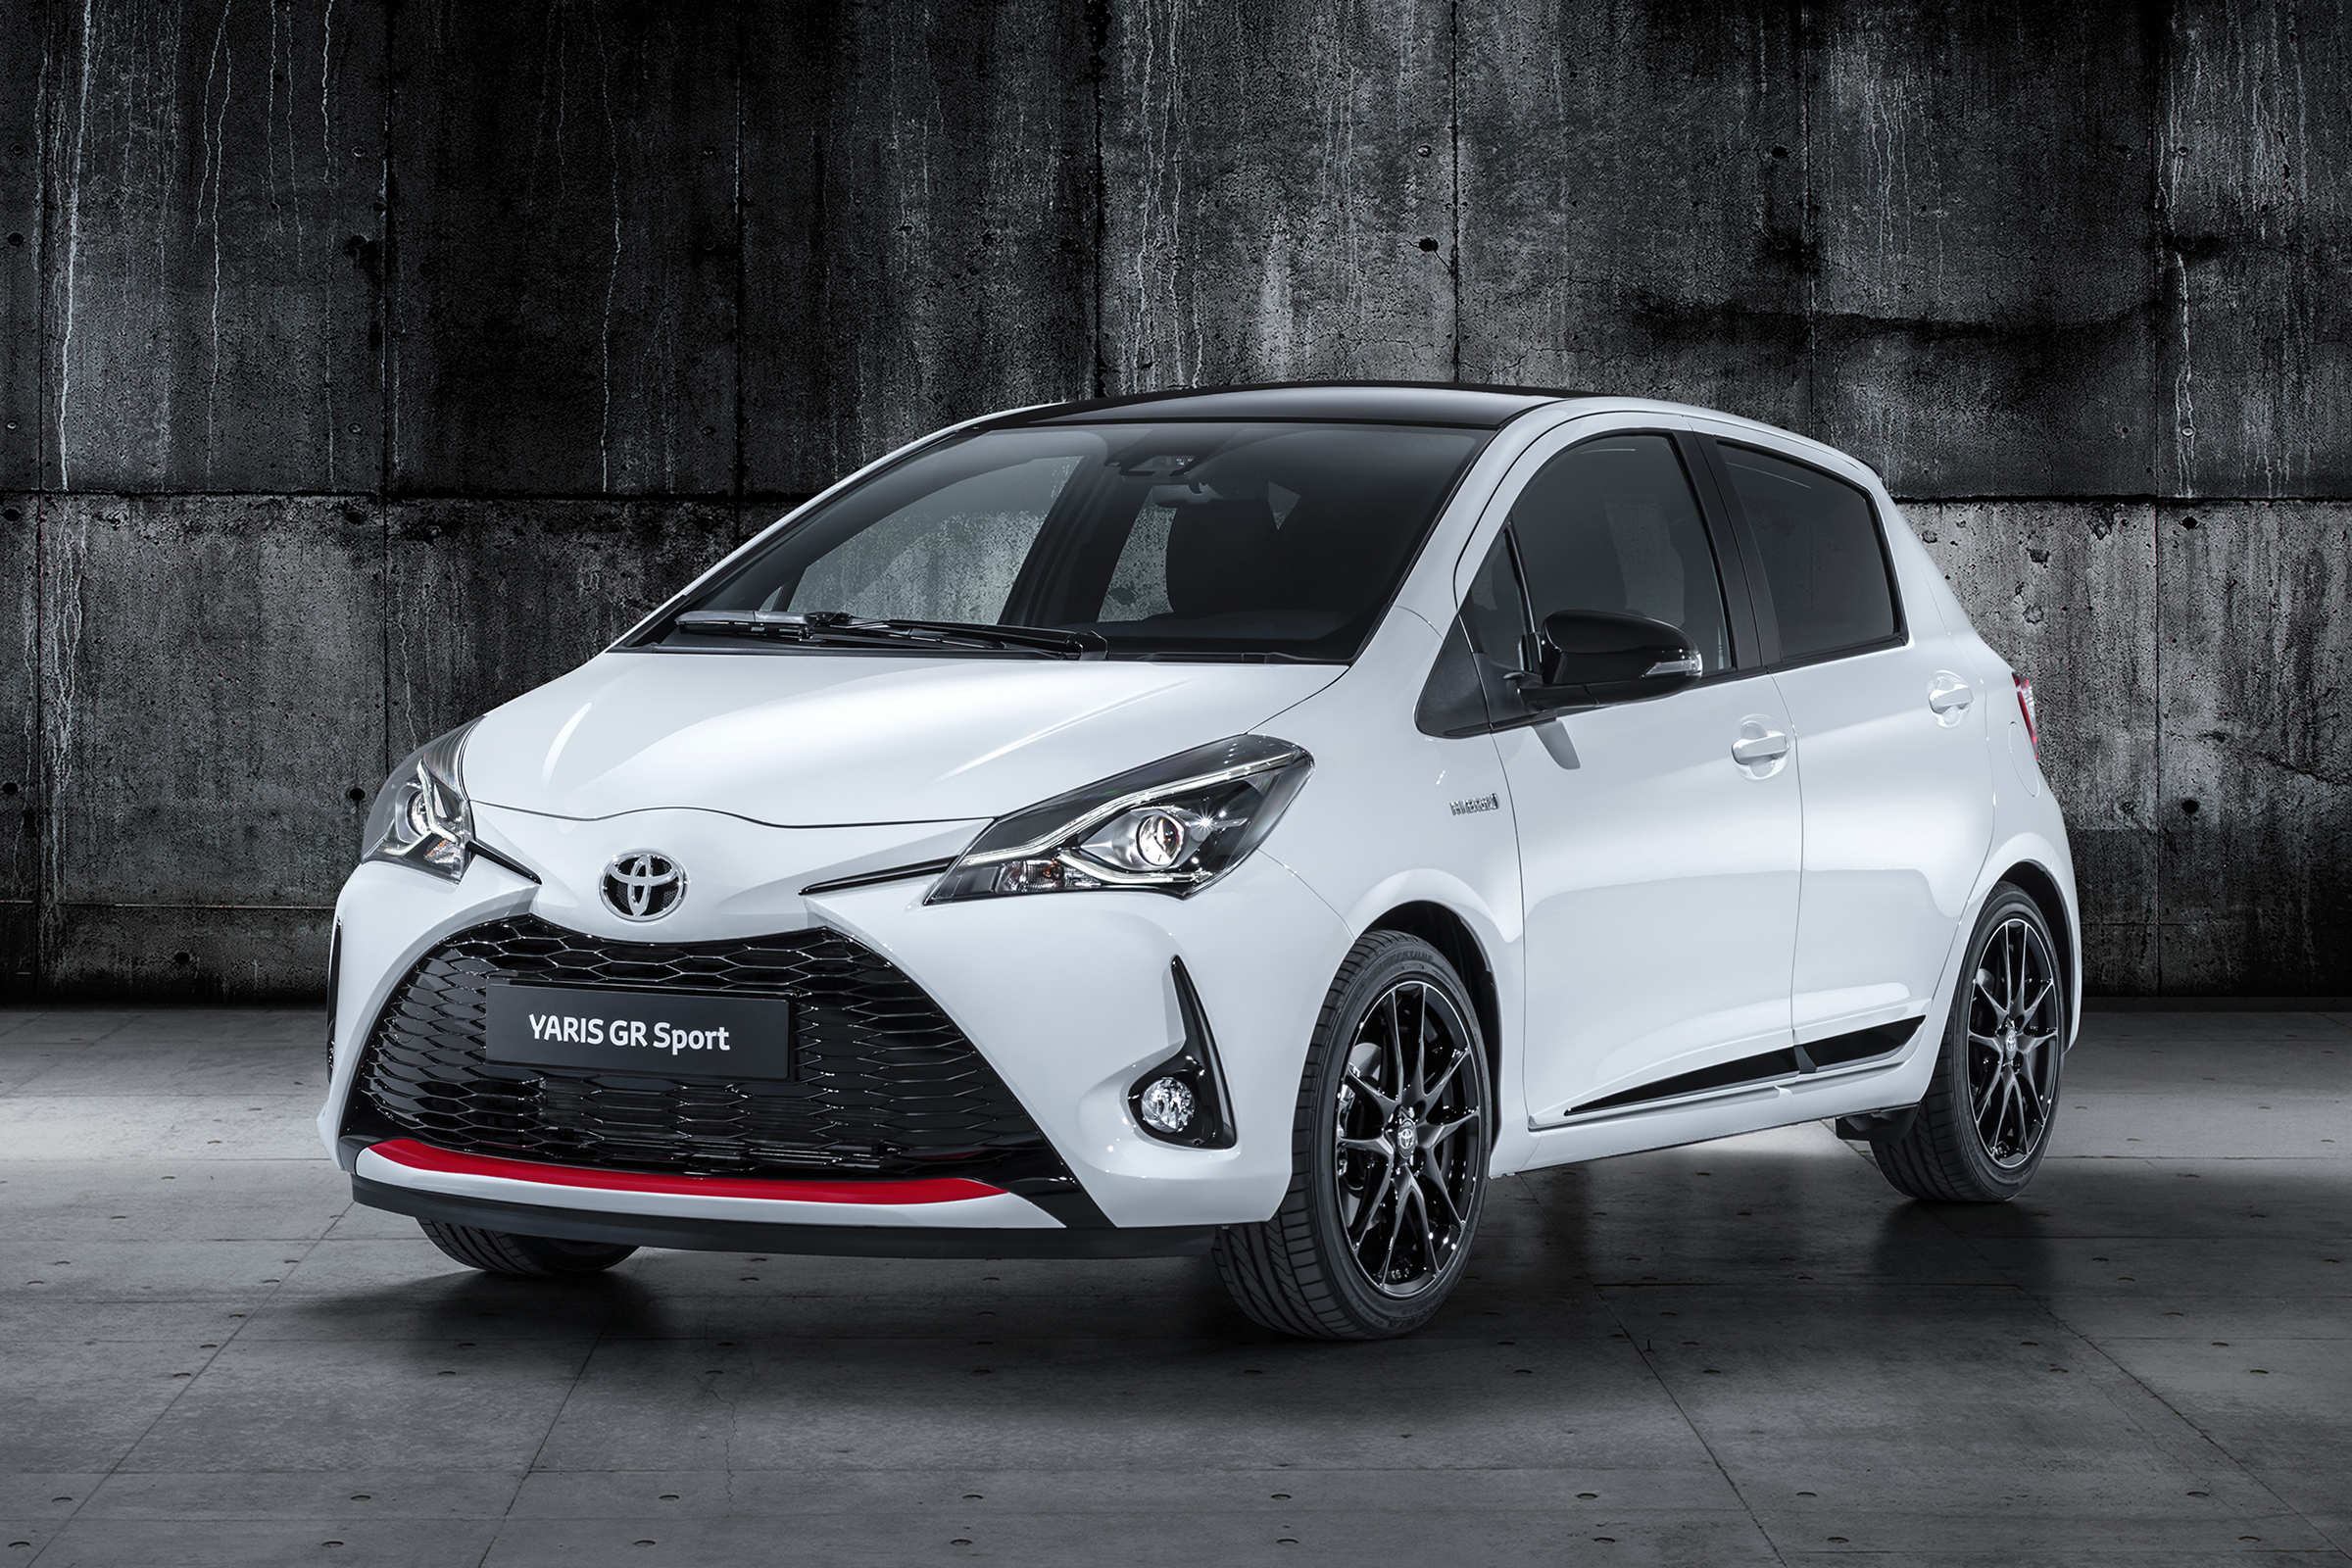 Kelebihan Kekurangan Toyota Yaris Gr Sport Perbandingan Harga